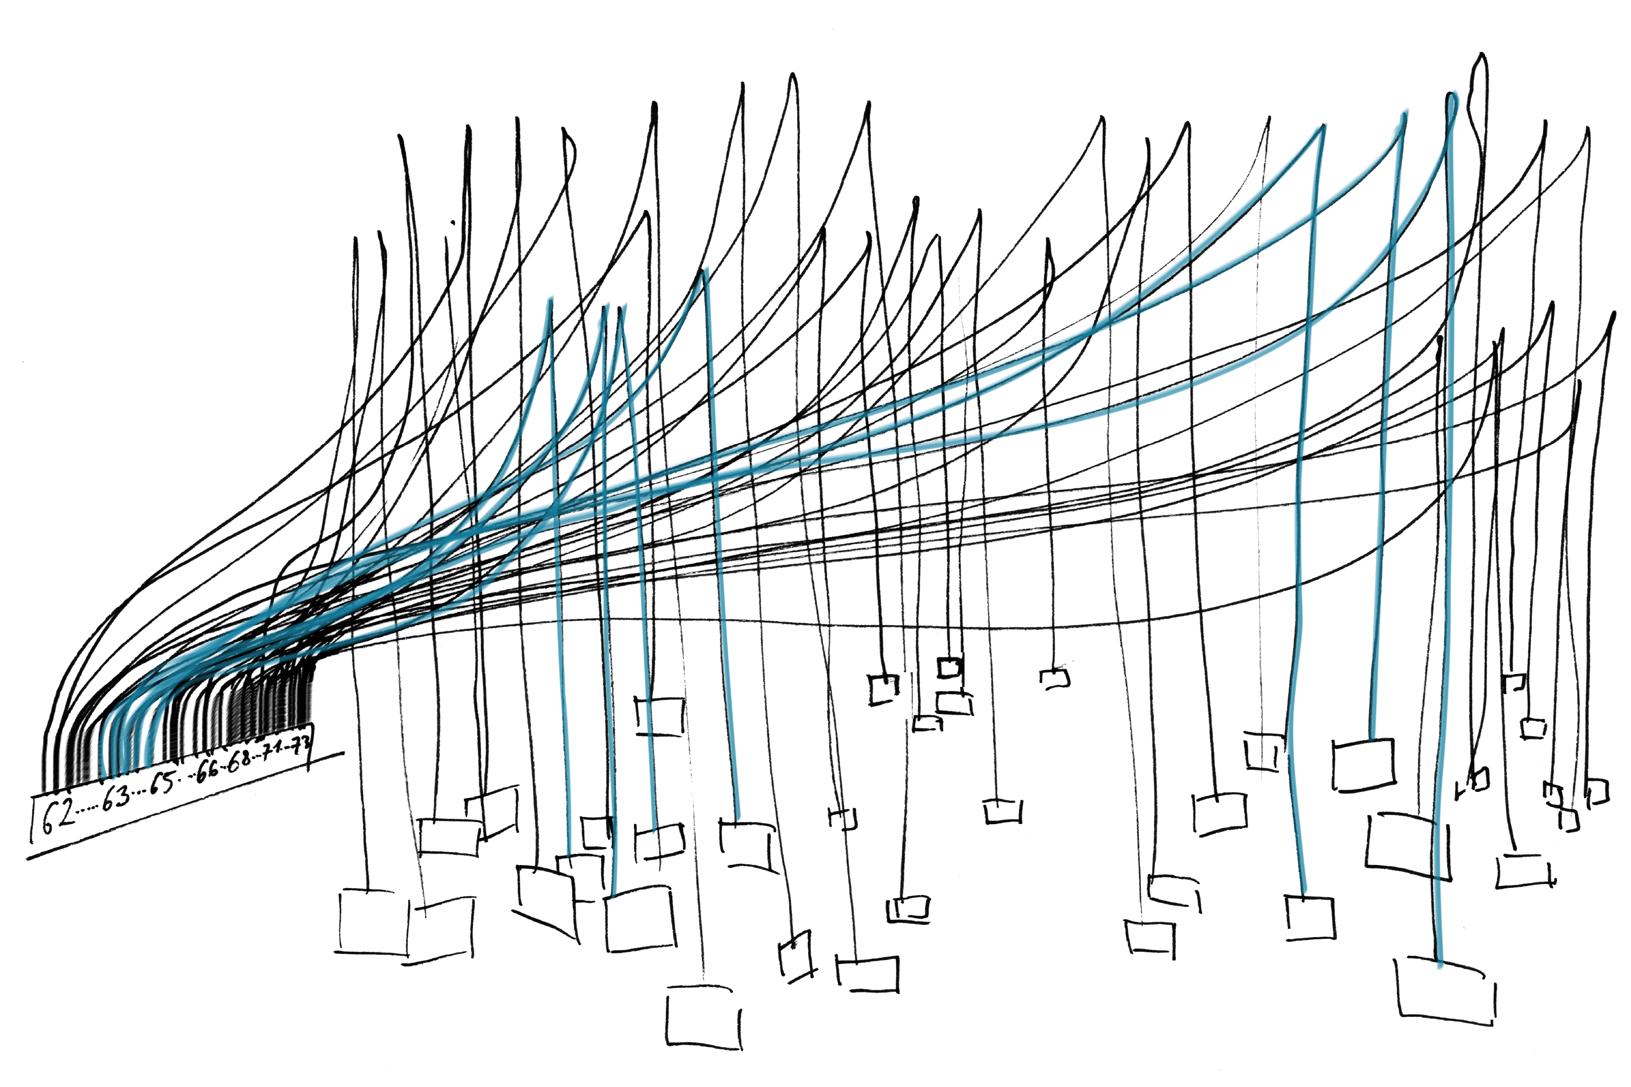 Fluxus Cloud with EL-Wire